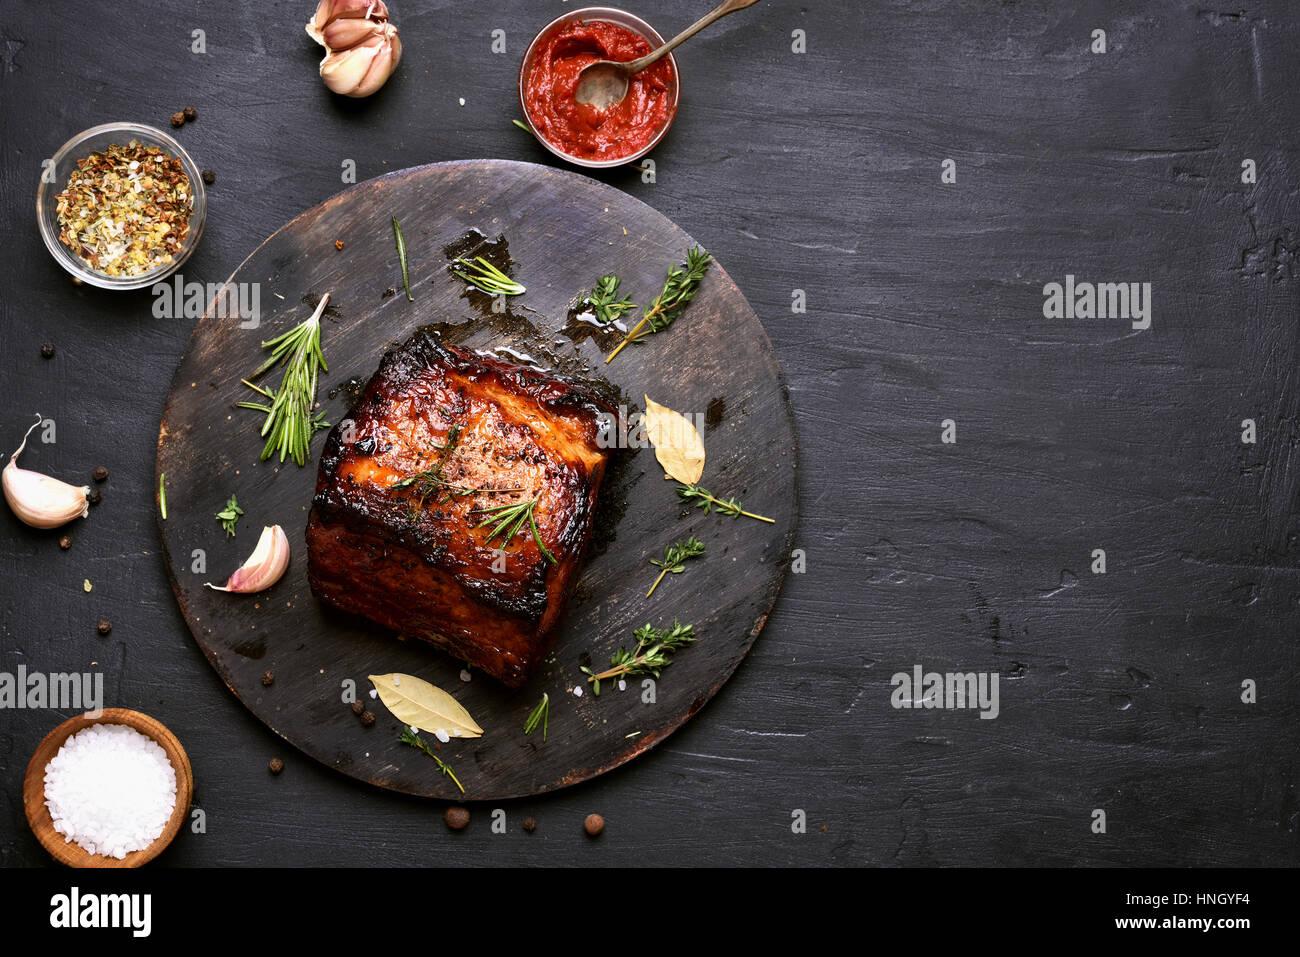 Grill Fleisch, gegrilltem Schweinefleisch auf dunklem Hintergrund mit Textfreiraum. Stockbild